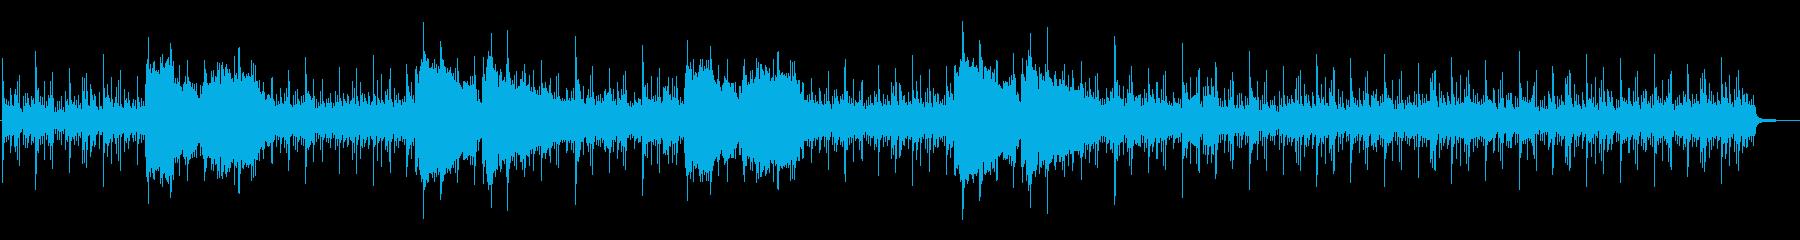 厳かな和風インストの再生済みの波形